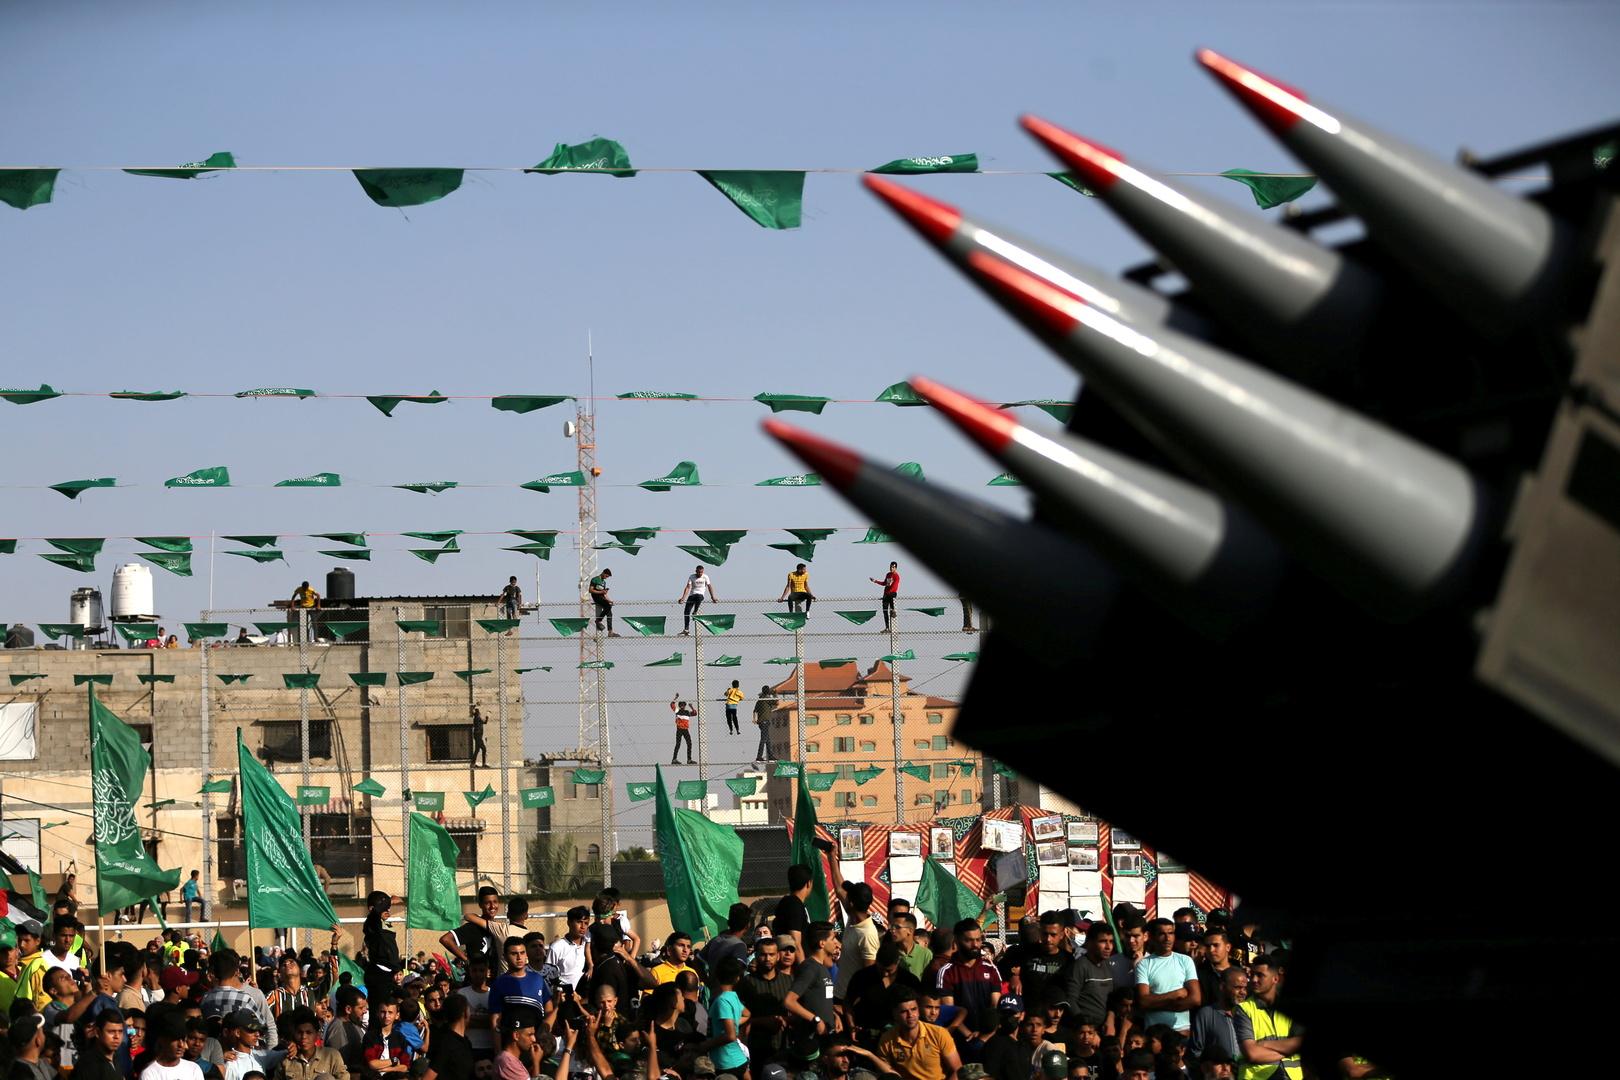 ديلي ميرور تنشر المعلومة بلا دليل: عملاء الموساد أعطبوا مئات من صواريخ حماس